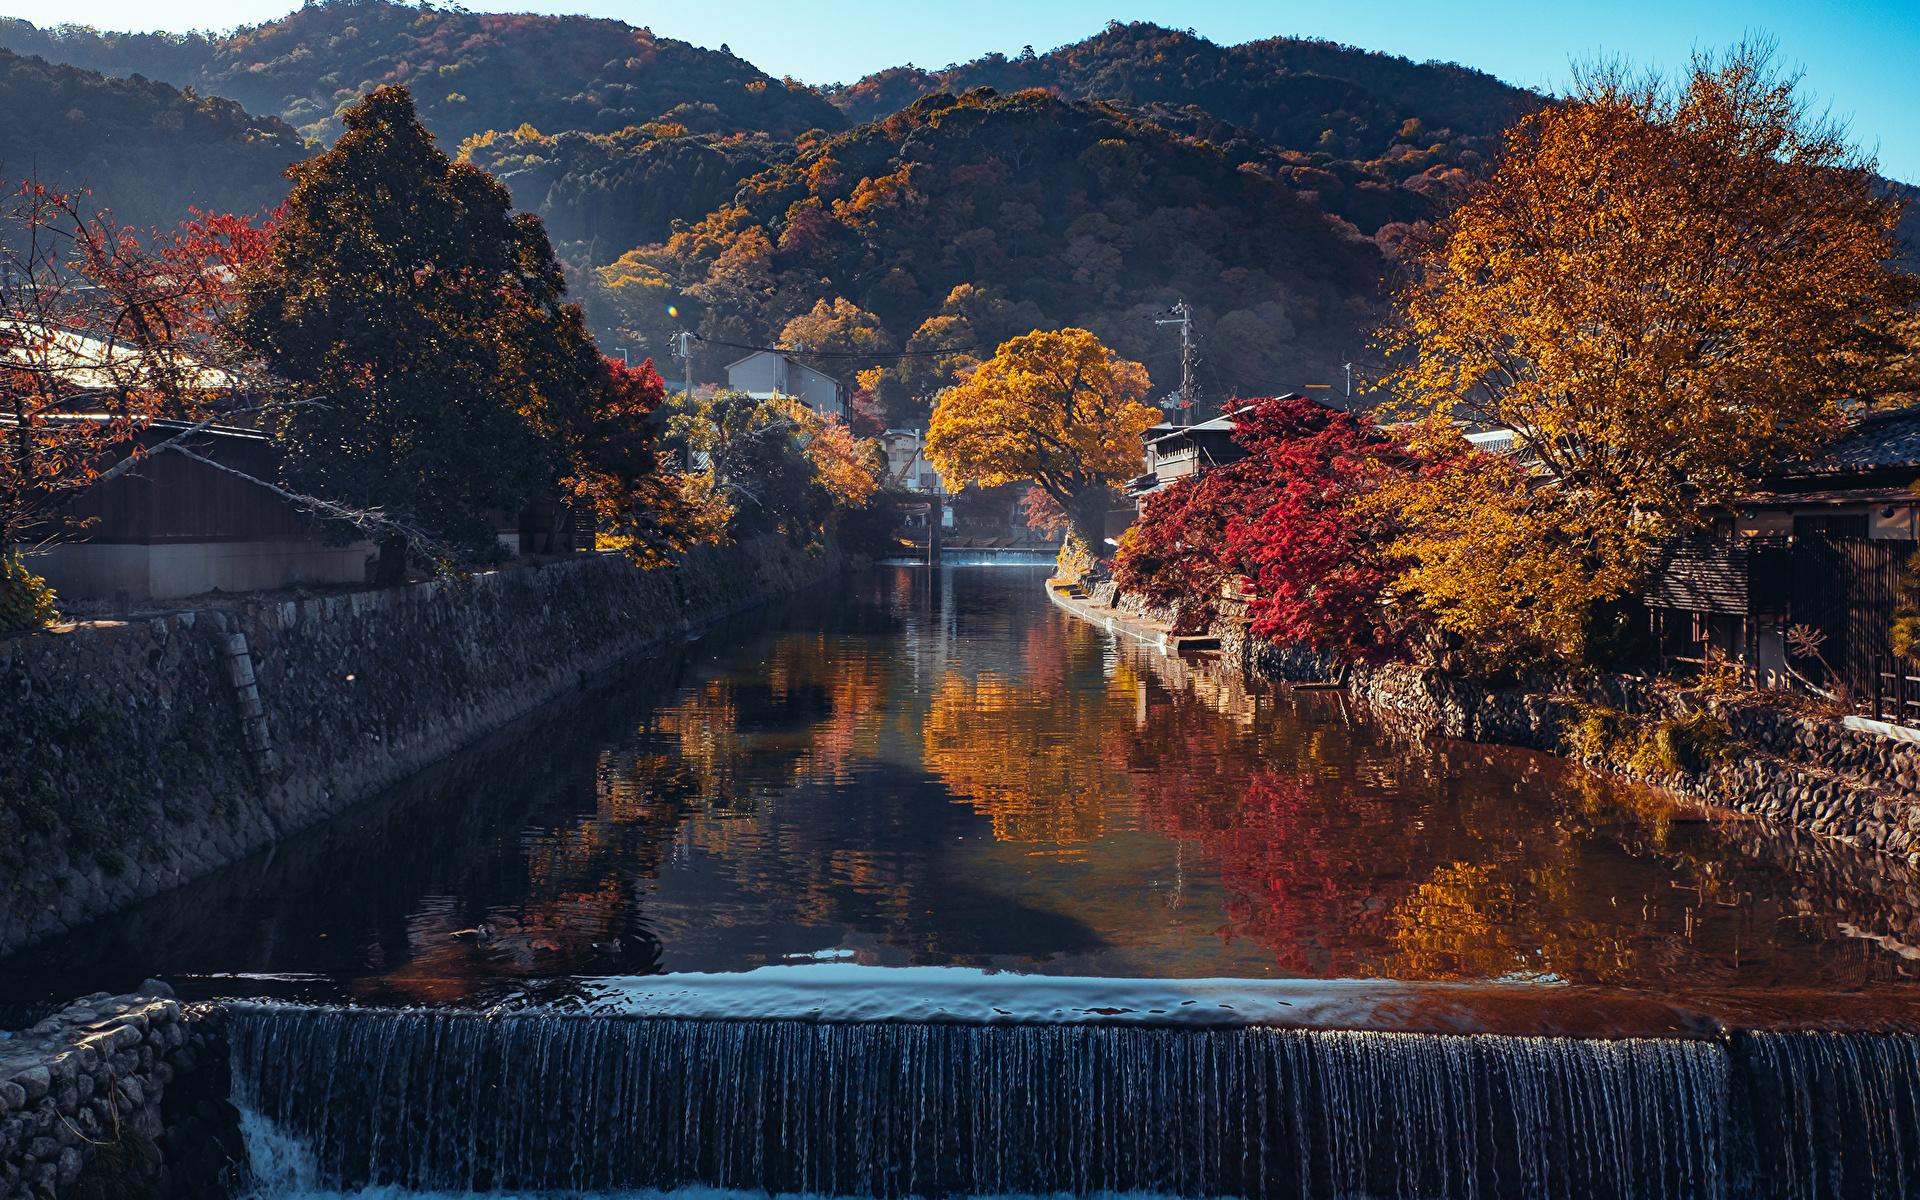 Картинка Киото Япония Arashiyama Горы осенние Природа Водопады Водный канал Деревья 1920x1200 гора Осень дерево дерева деревьев